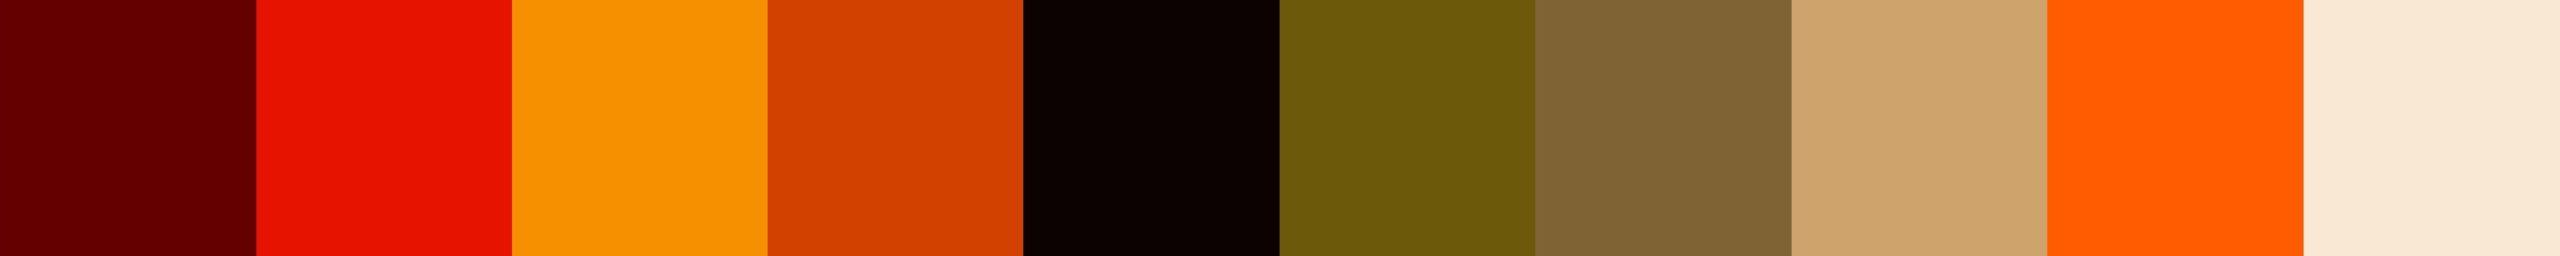 48 Triquena Color Palette